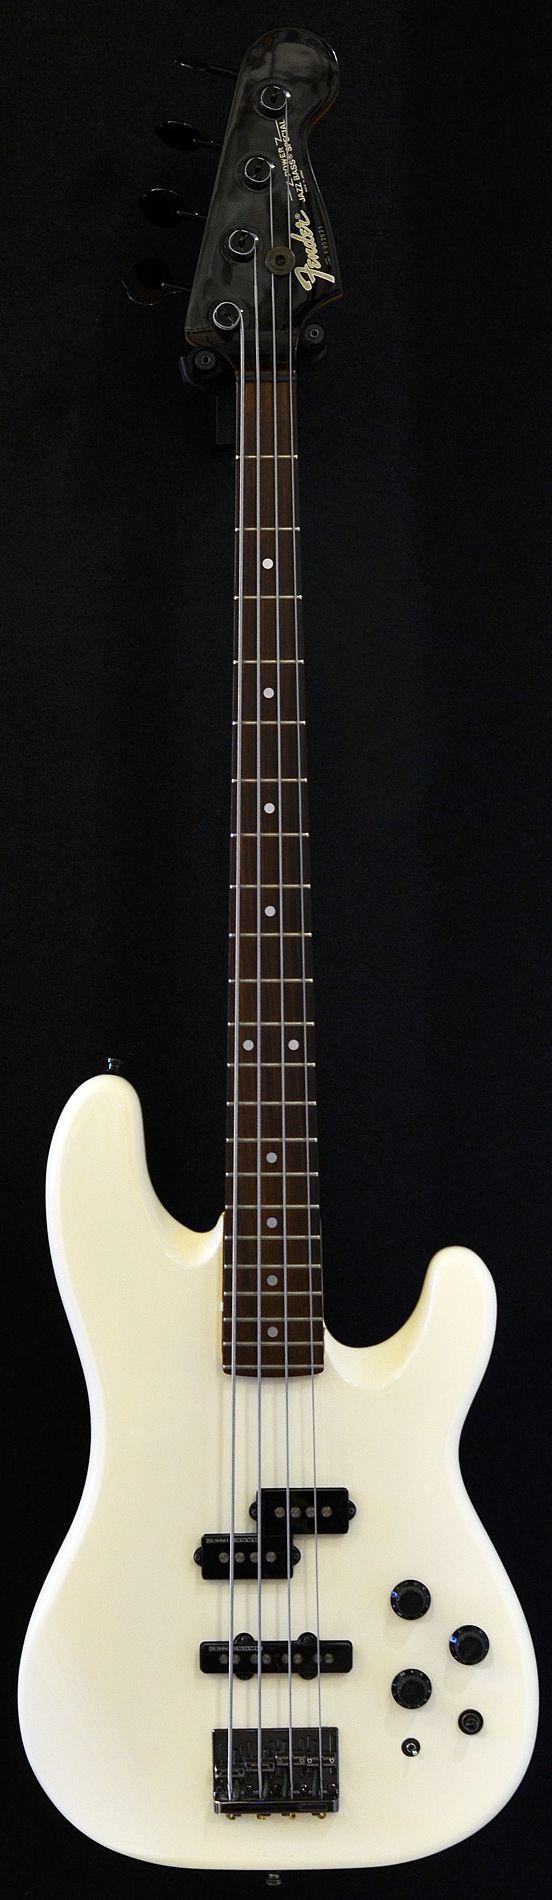 FENDER Power Jazz  Bass Special Duff McKagan (via Bass Direct)